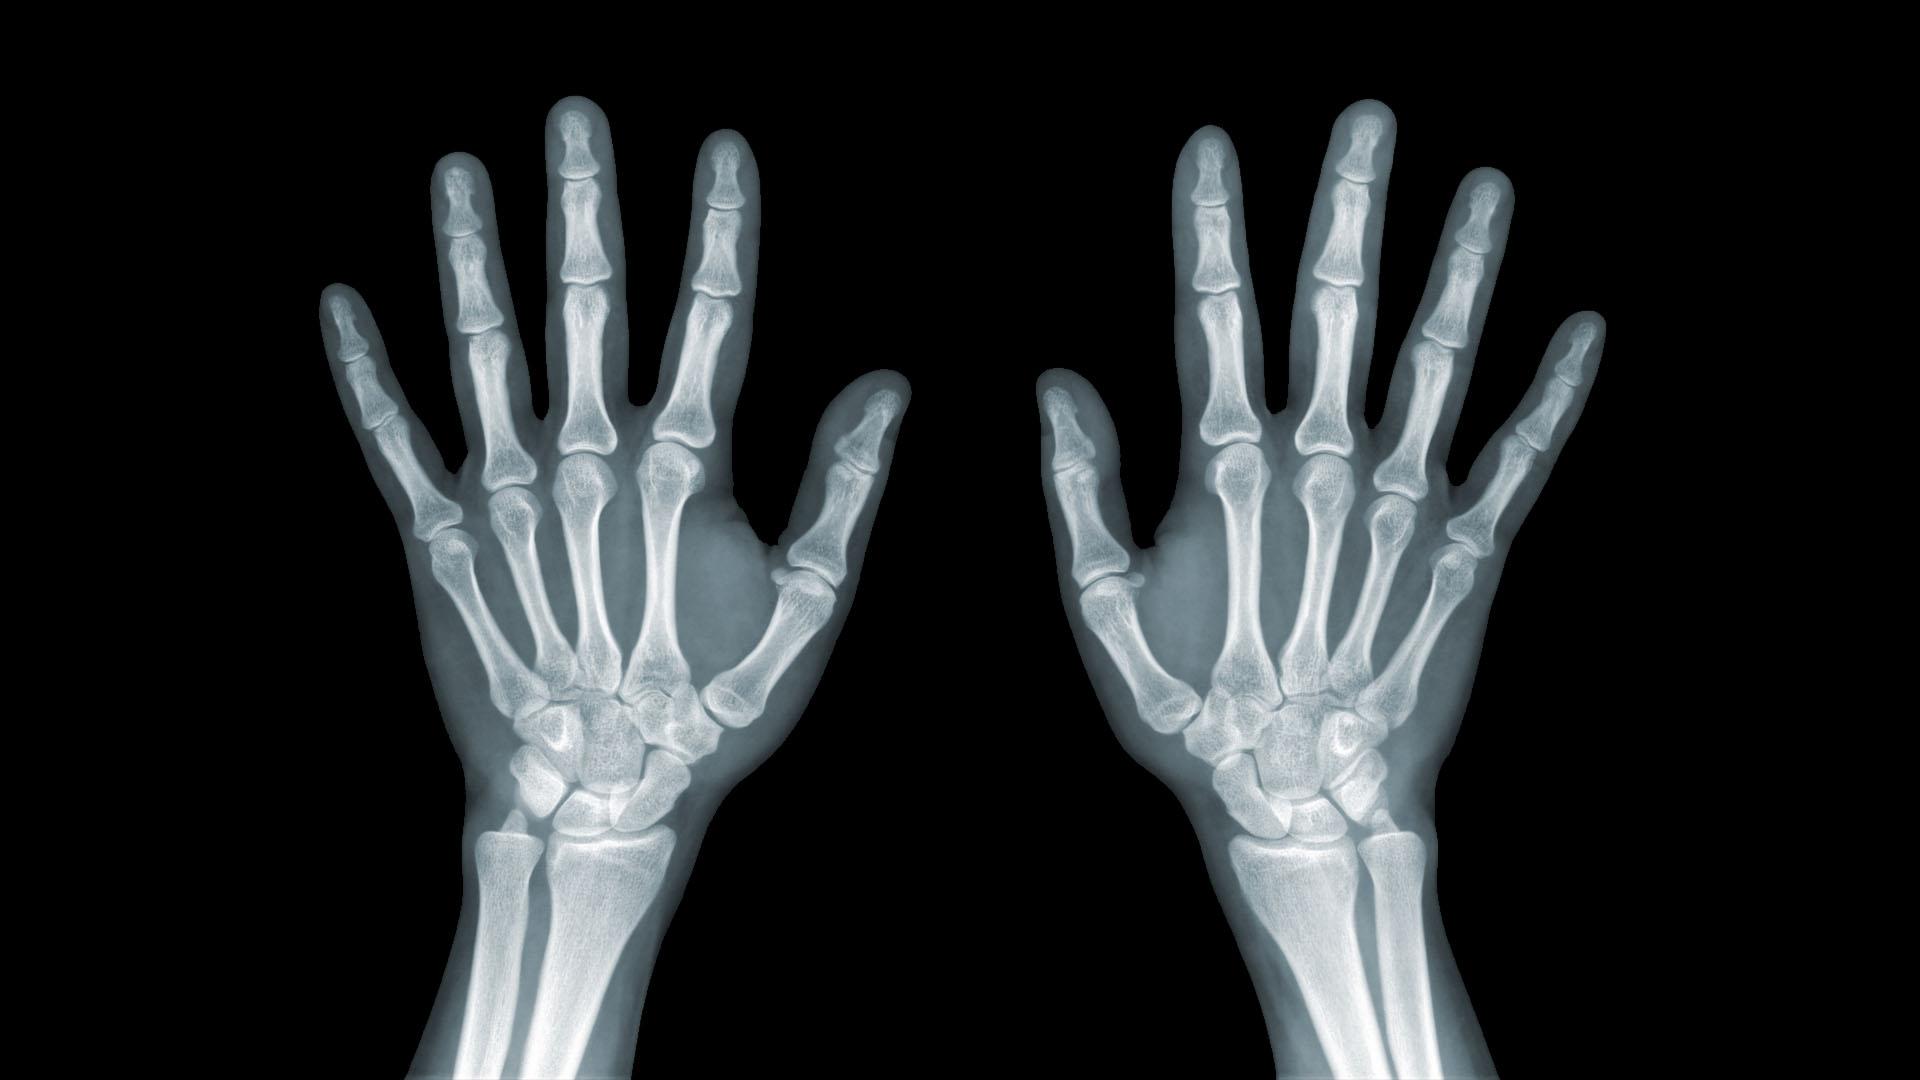 kerülje az ütközéssel járó ízületi sérüléseket